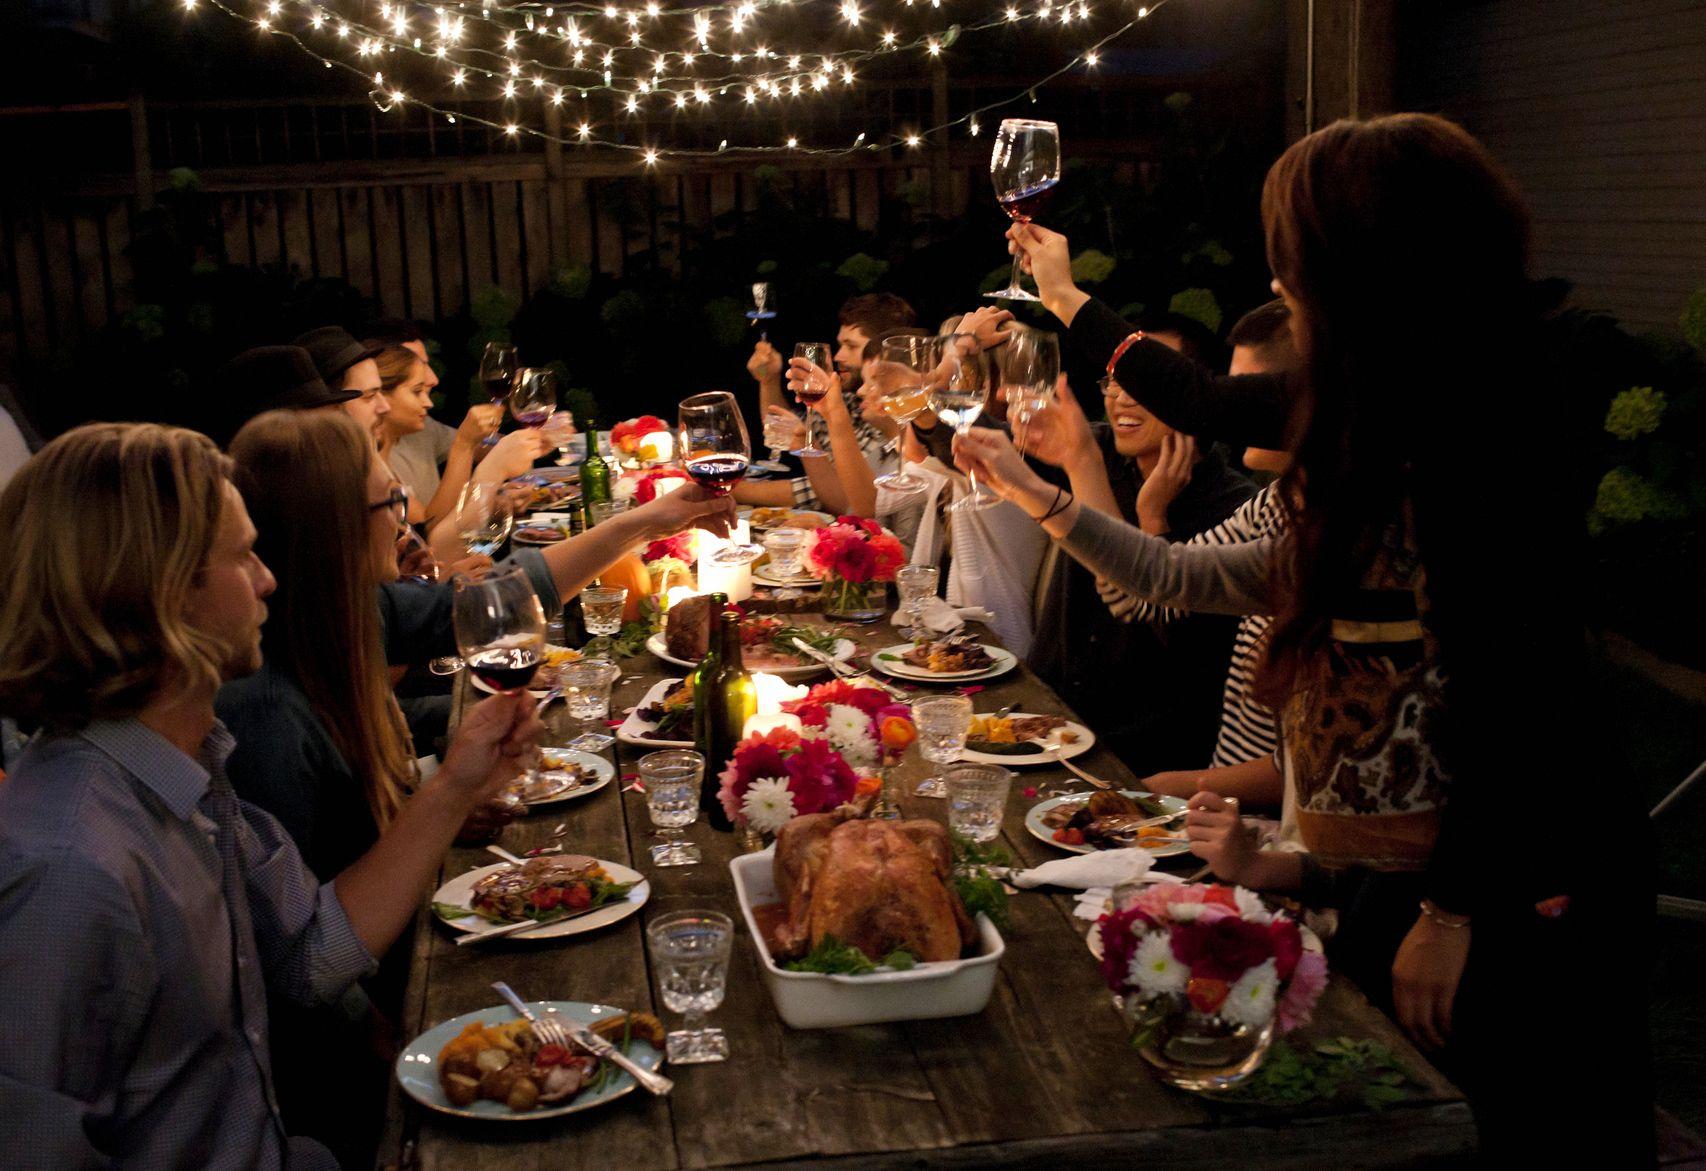 Nace 39 bendita cocina 39 alternativa a las comidas y cenas de siempre diariocr - Cena con amigos en casa ...